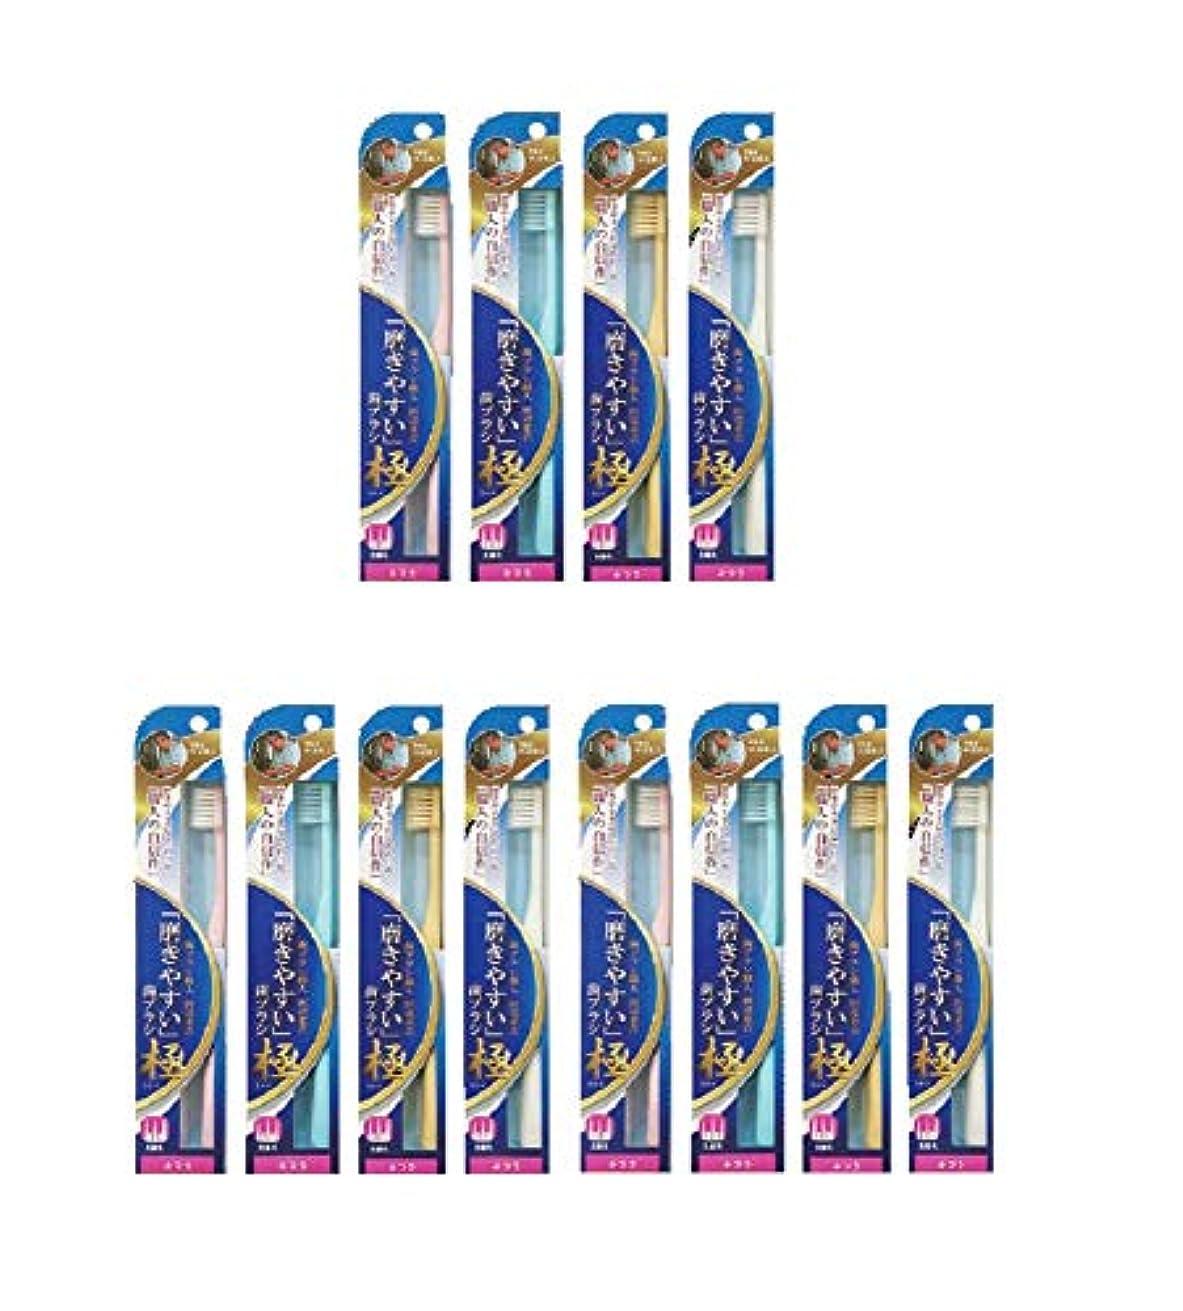 ラブ悪用マイクロフォンライフレンジ 磨きやすい歯ブラシ 極(ふつう) LT-44 ×12本セット